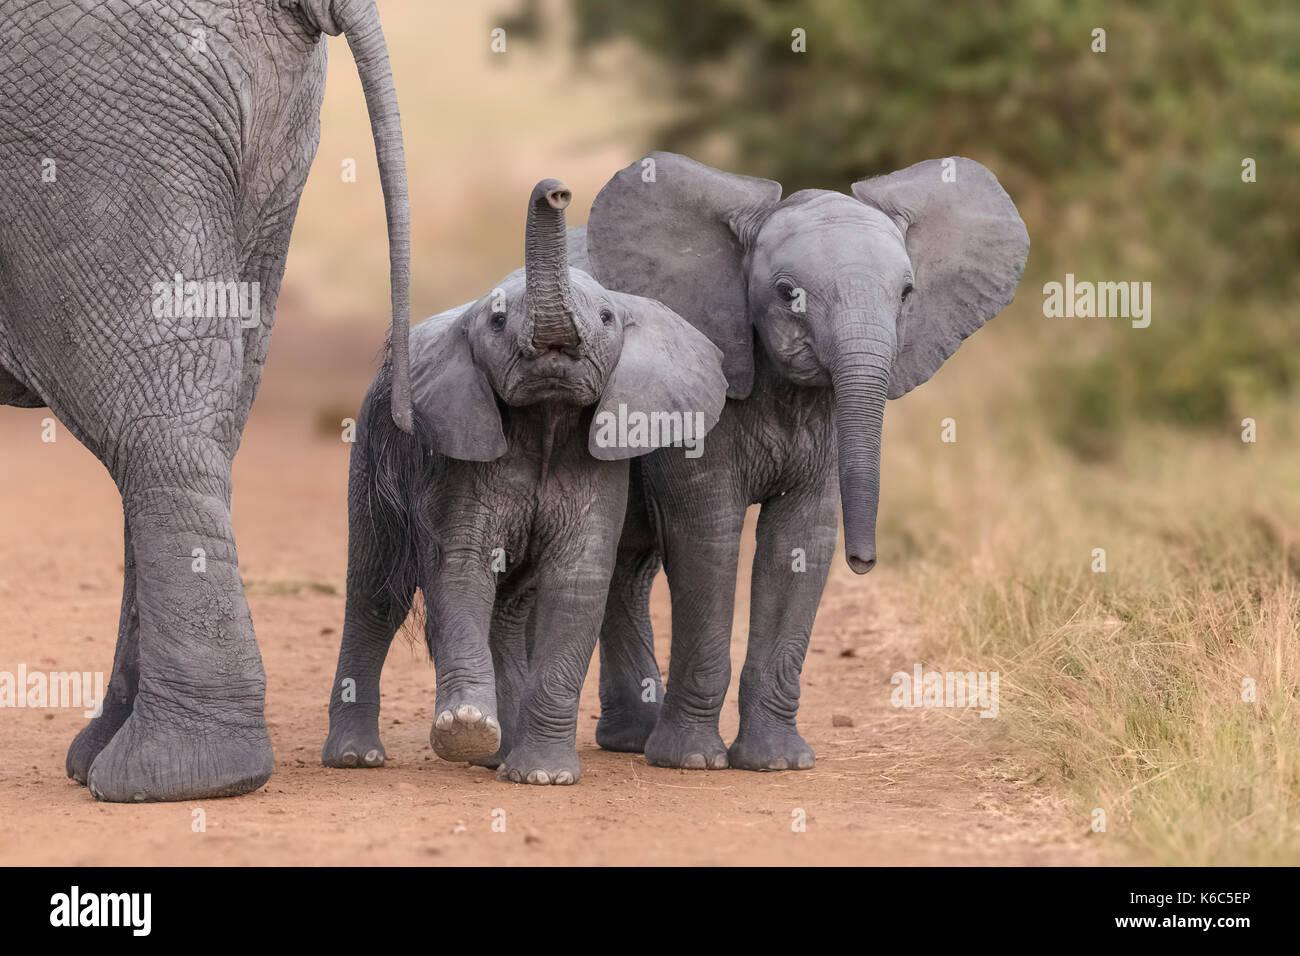 baby elephants playing in Kenya, Amboseli - Stock Image